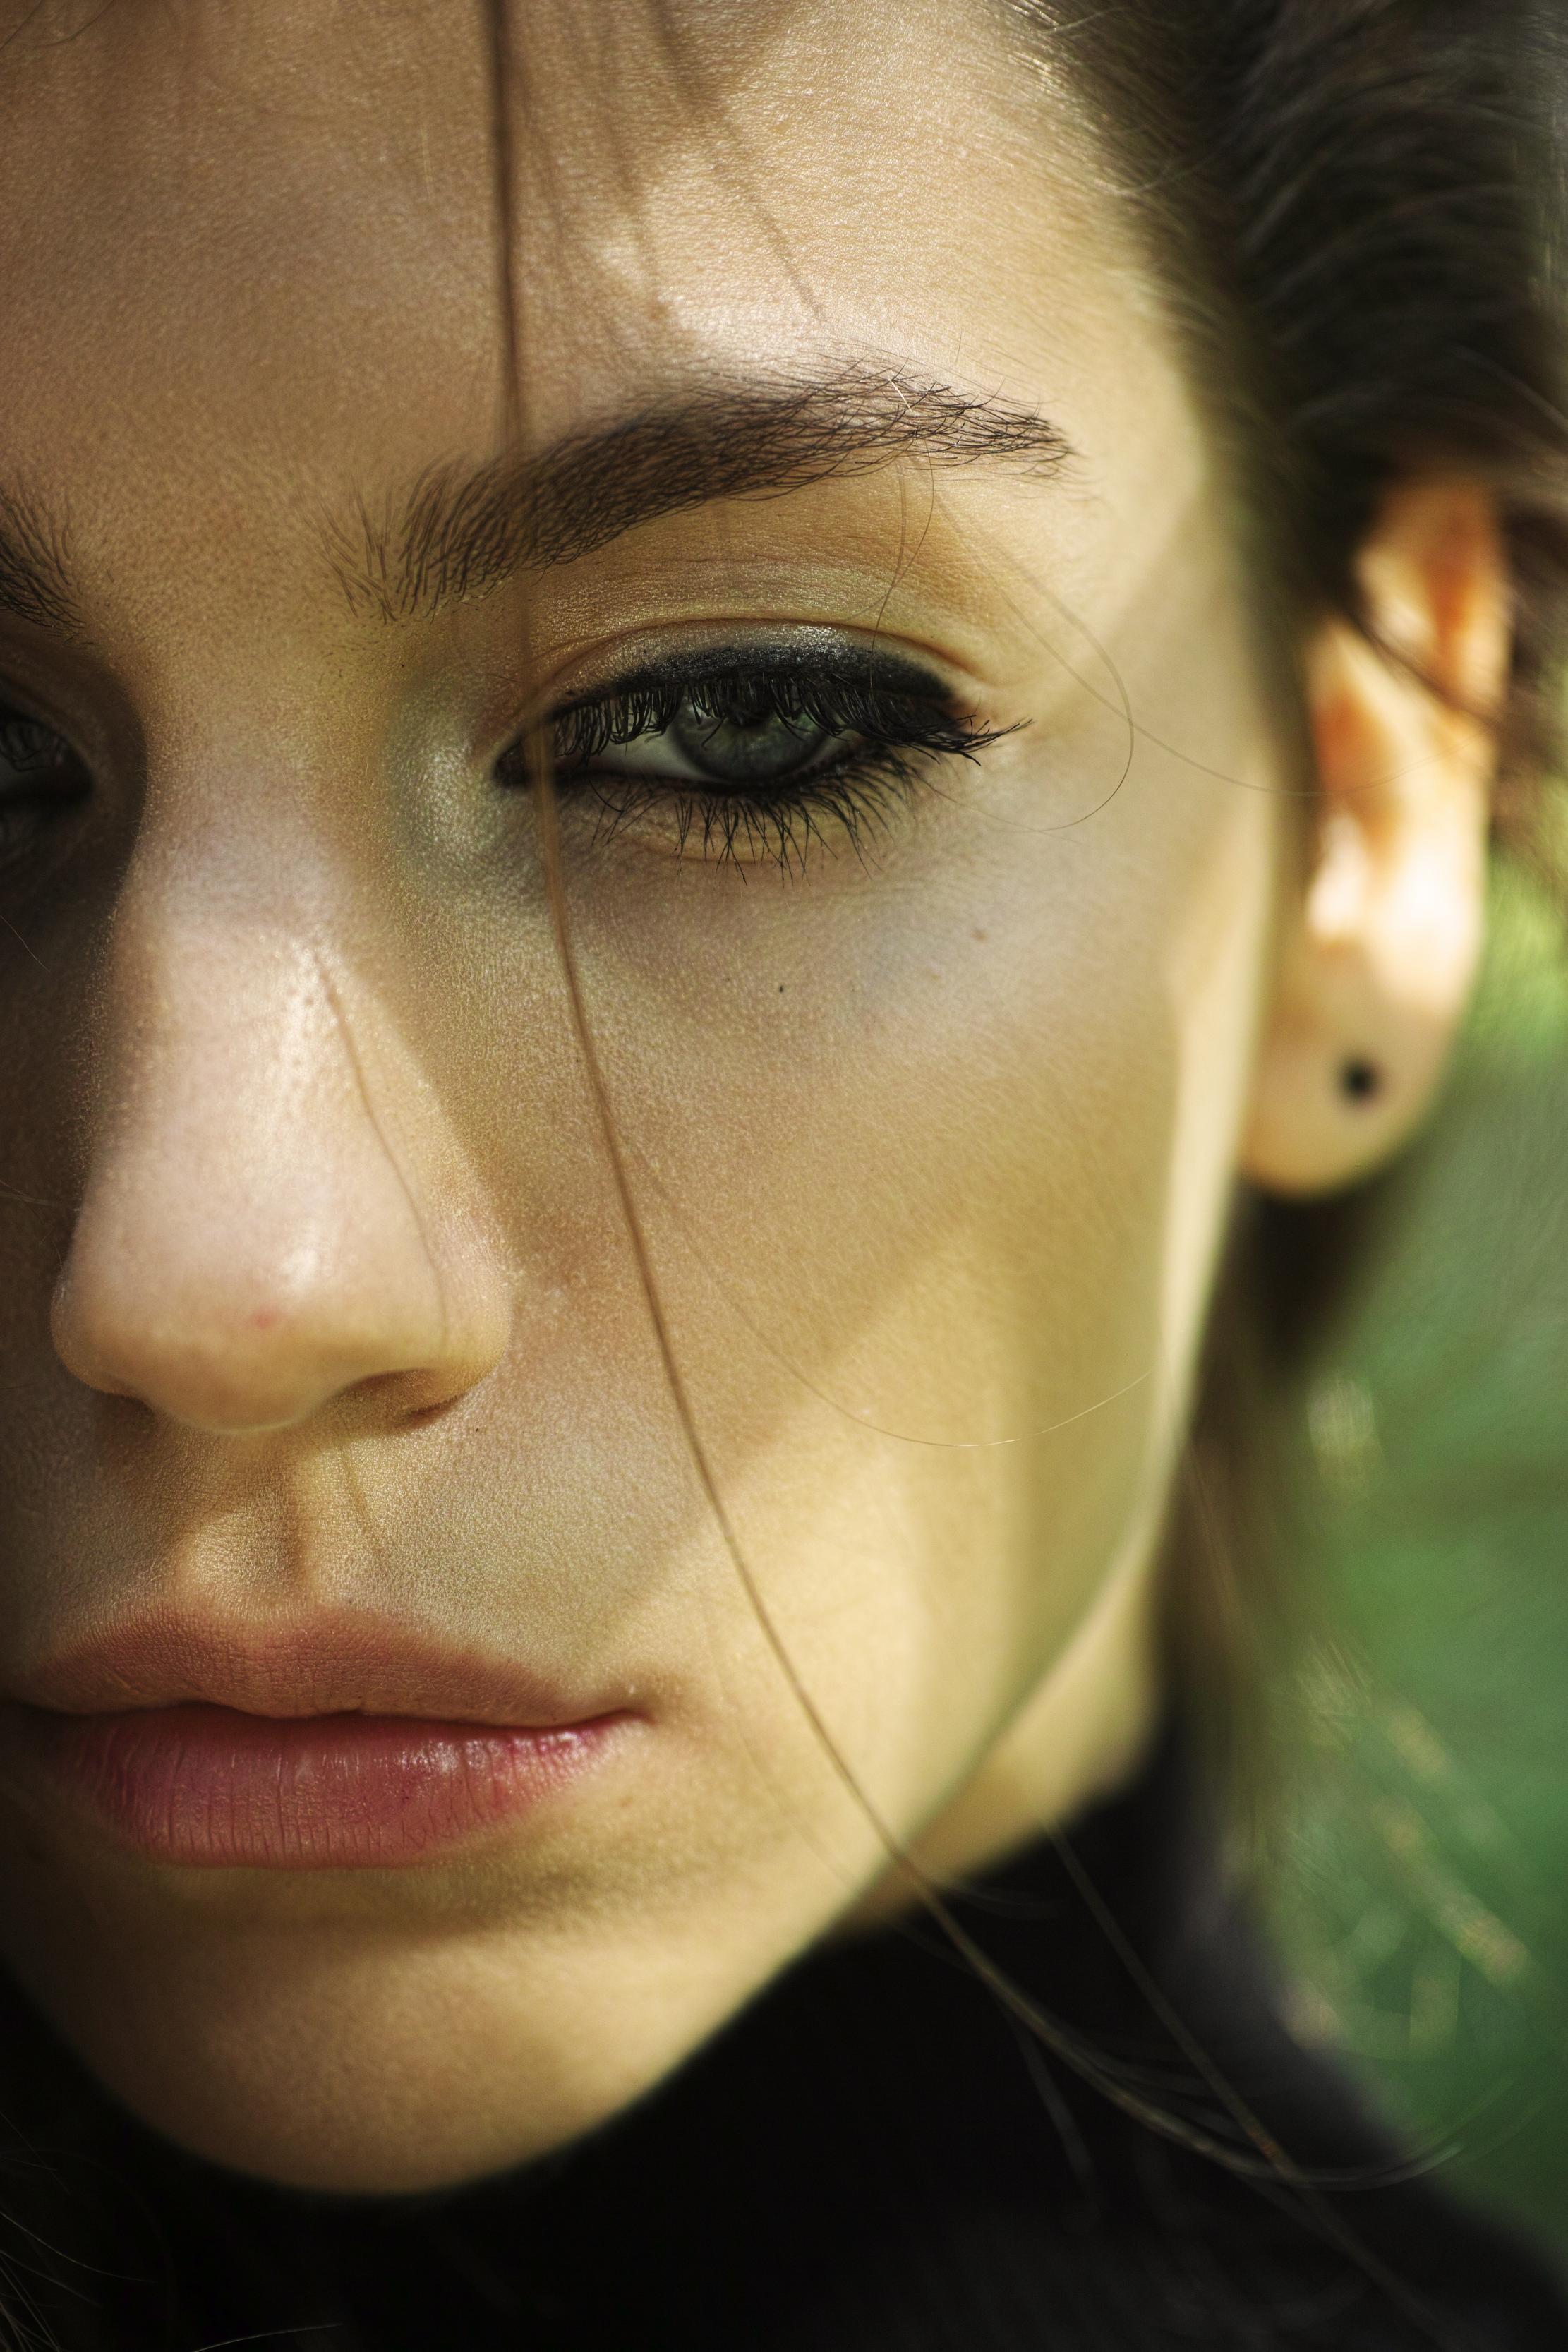 بالصور اجمل الصور الحزينة للبنات , حزن القلب والم الاحساس